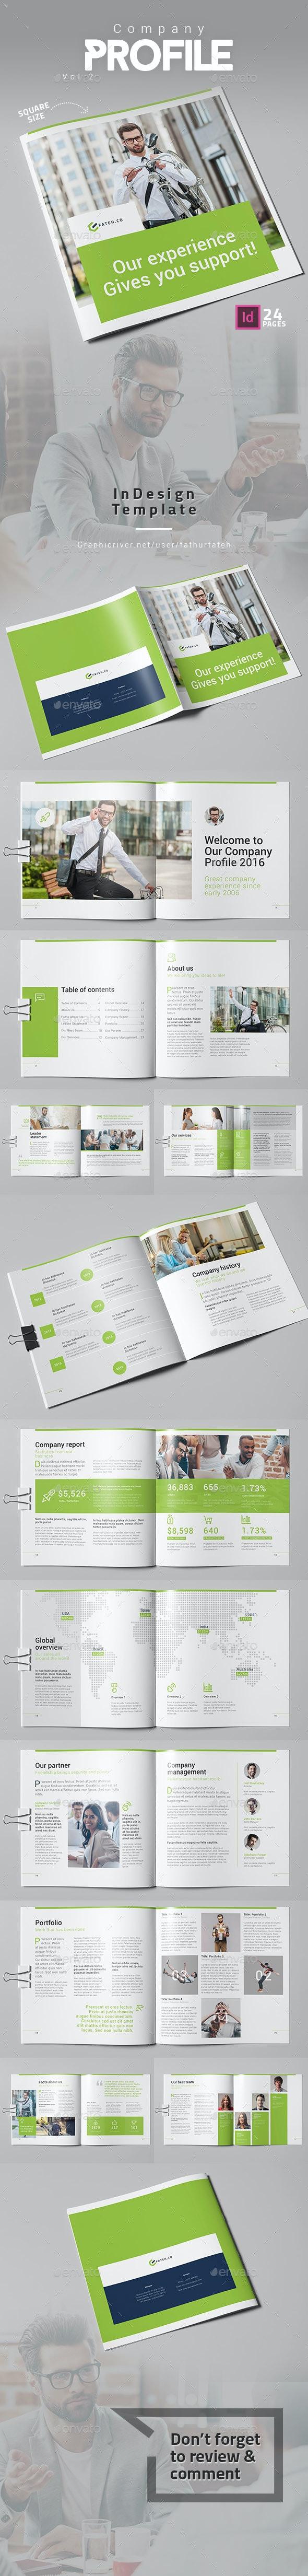 Company Profile Vol.2 Square - Corporate Brochures